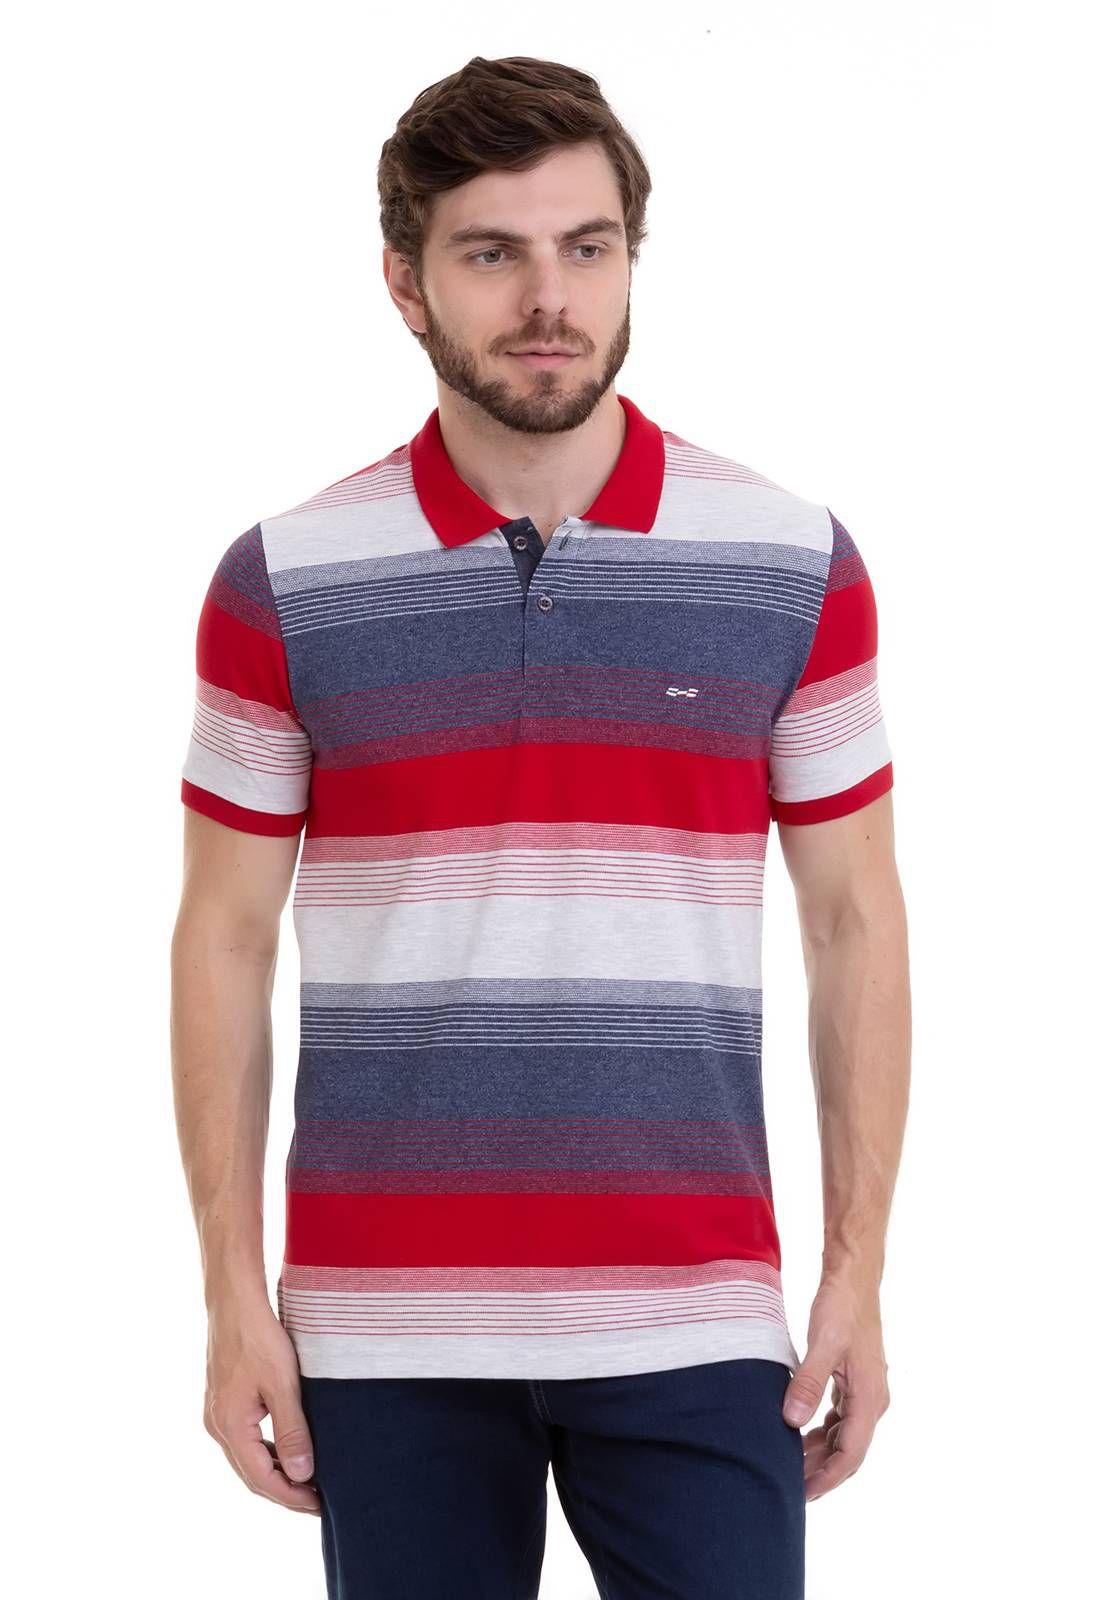 Camisa Polo Hifen Listrada Em Tecido Piquet De Algodão e Elastano Vermelha